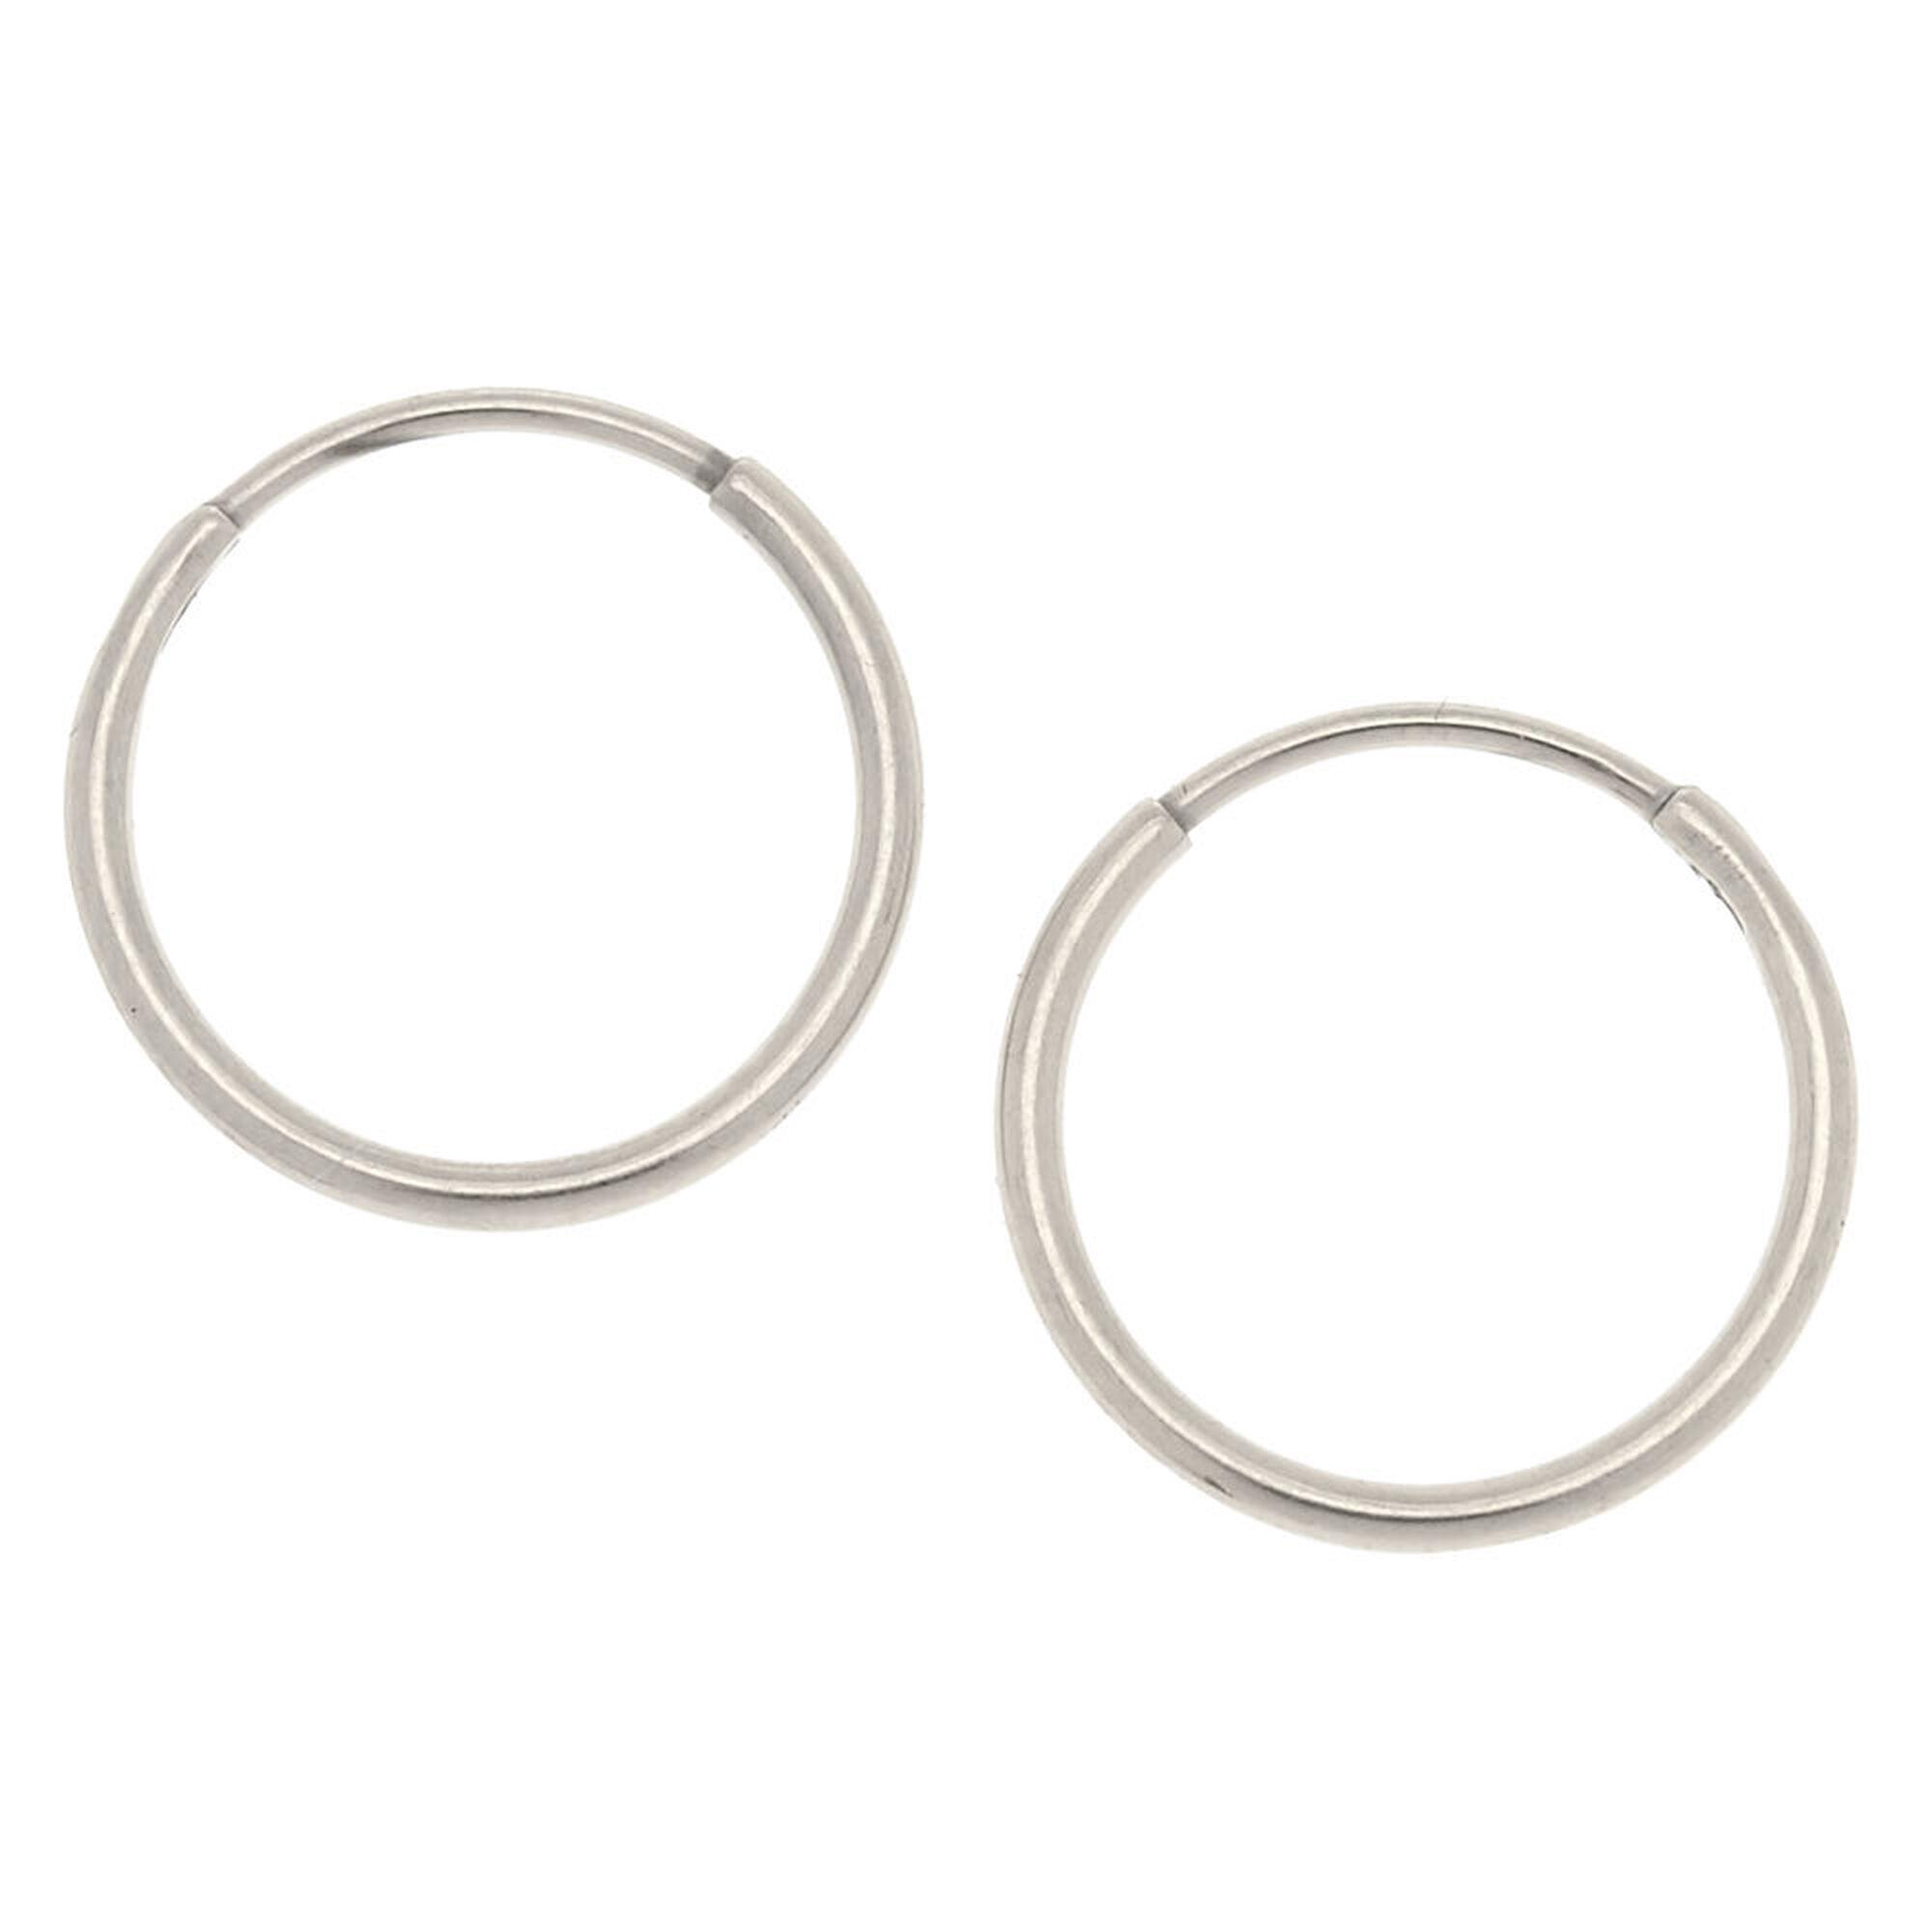 Silver Anium 10mm Sleek Hoop